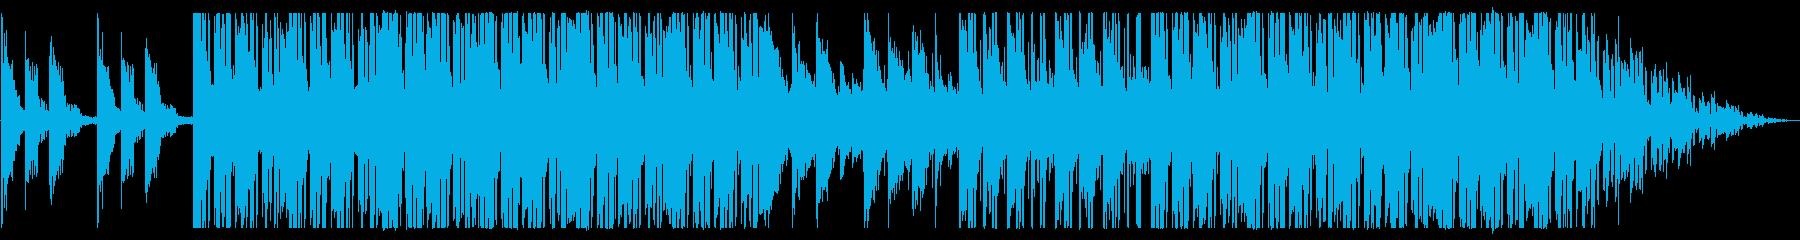 浮遊感/孤独/R&B_No437の再生済みの波形